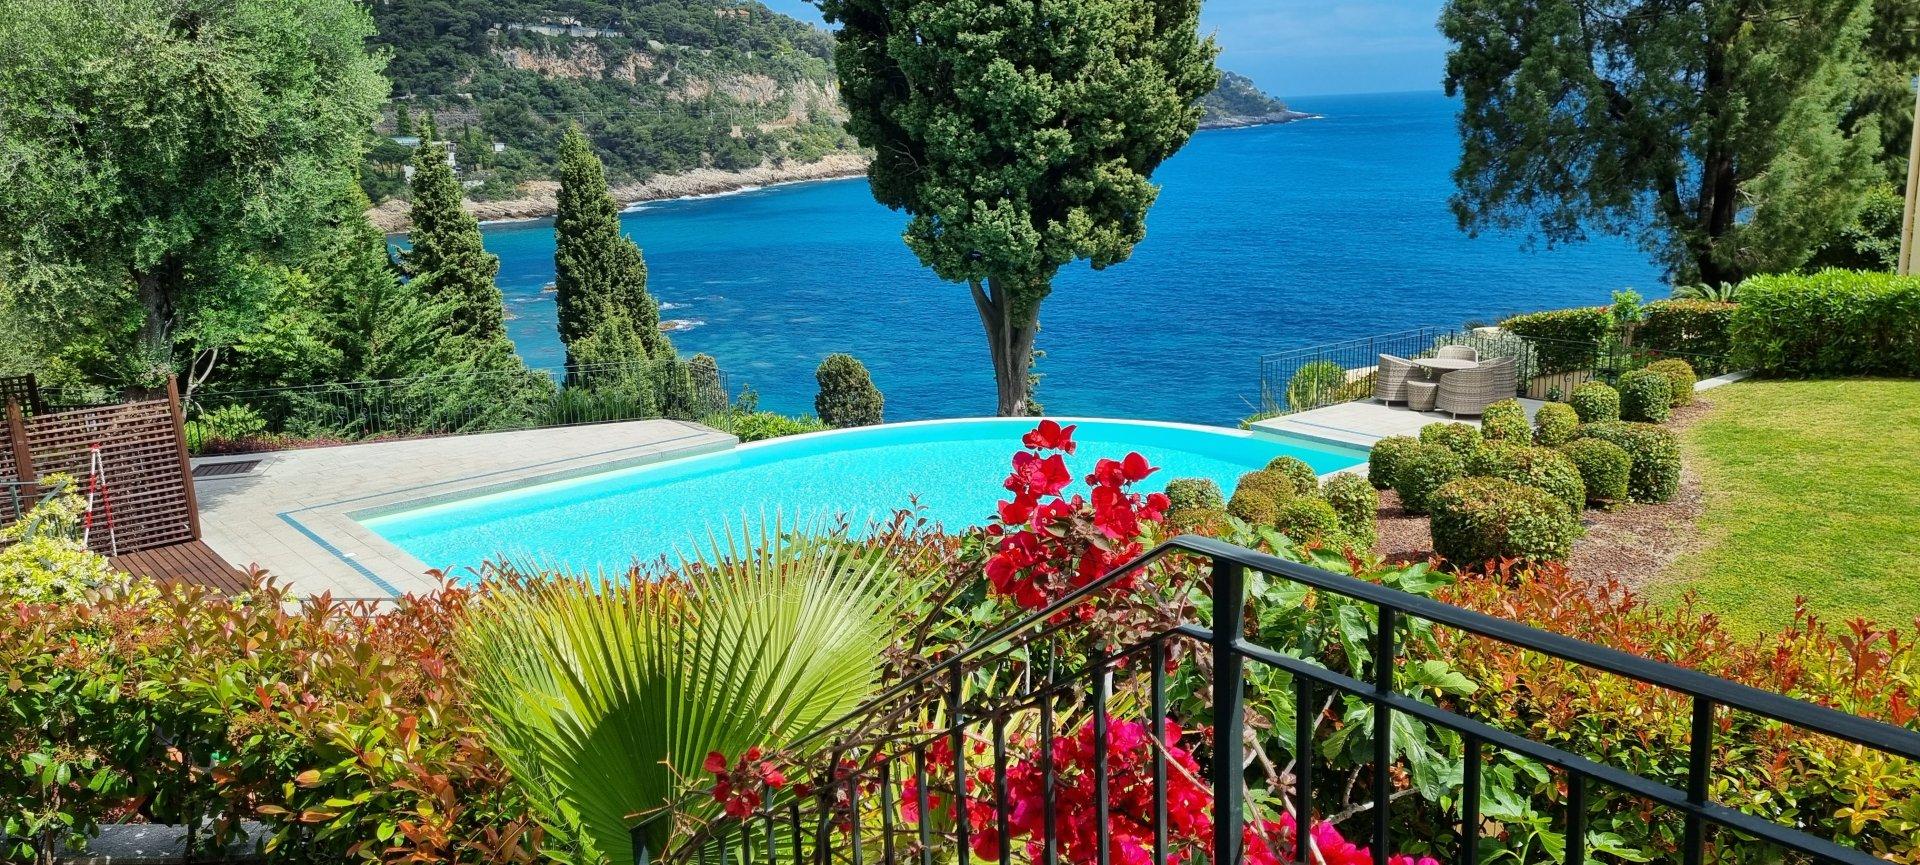 Résidence Luxe, piscine et proche plage à pied.